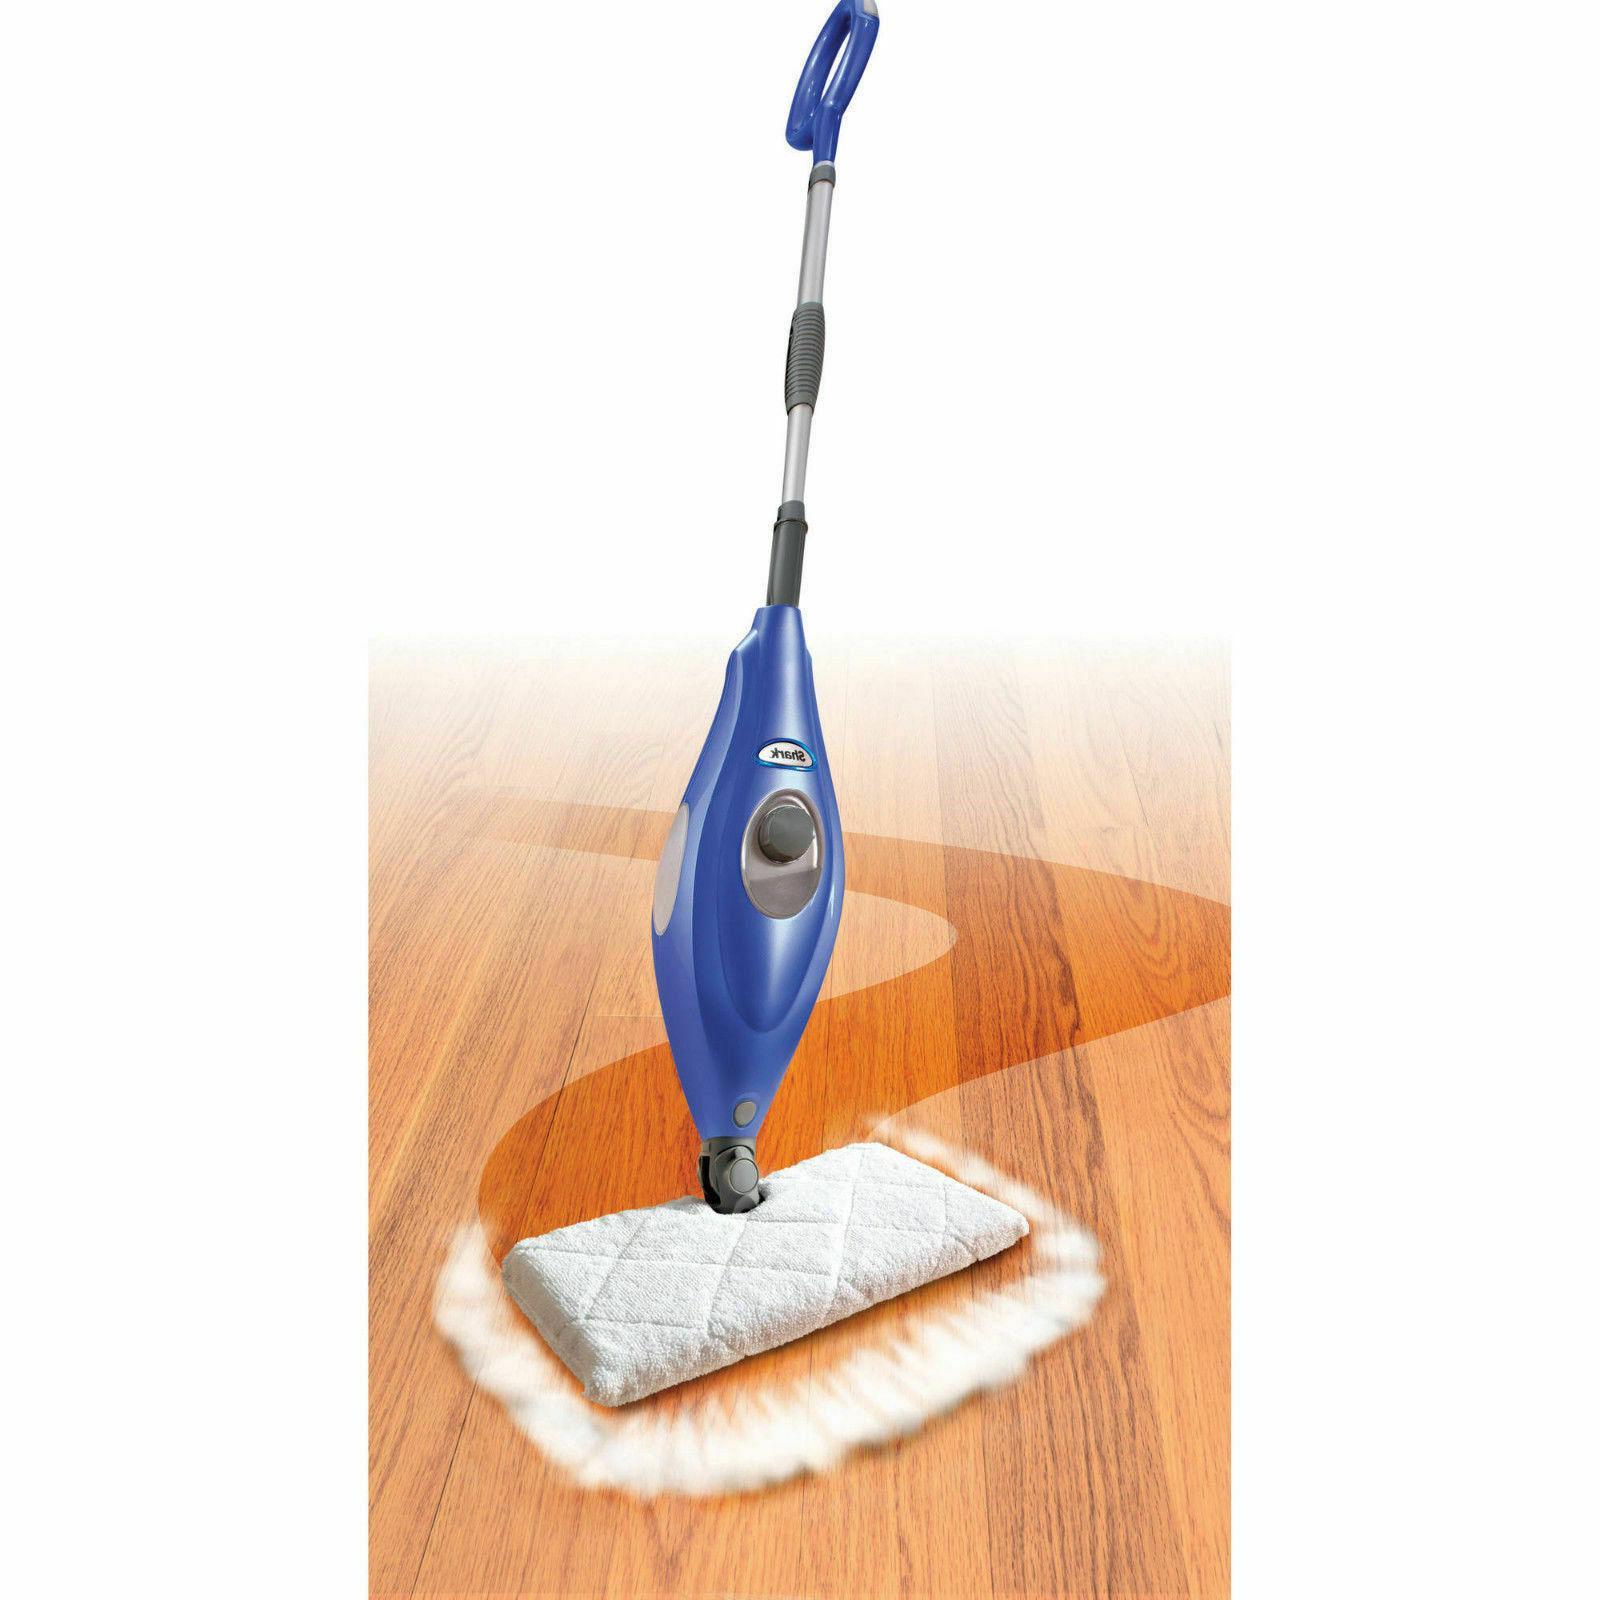 Mop Multi Floor Cleaner, | S3501 Deluxe Pocket